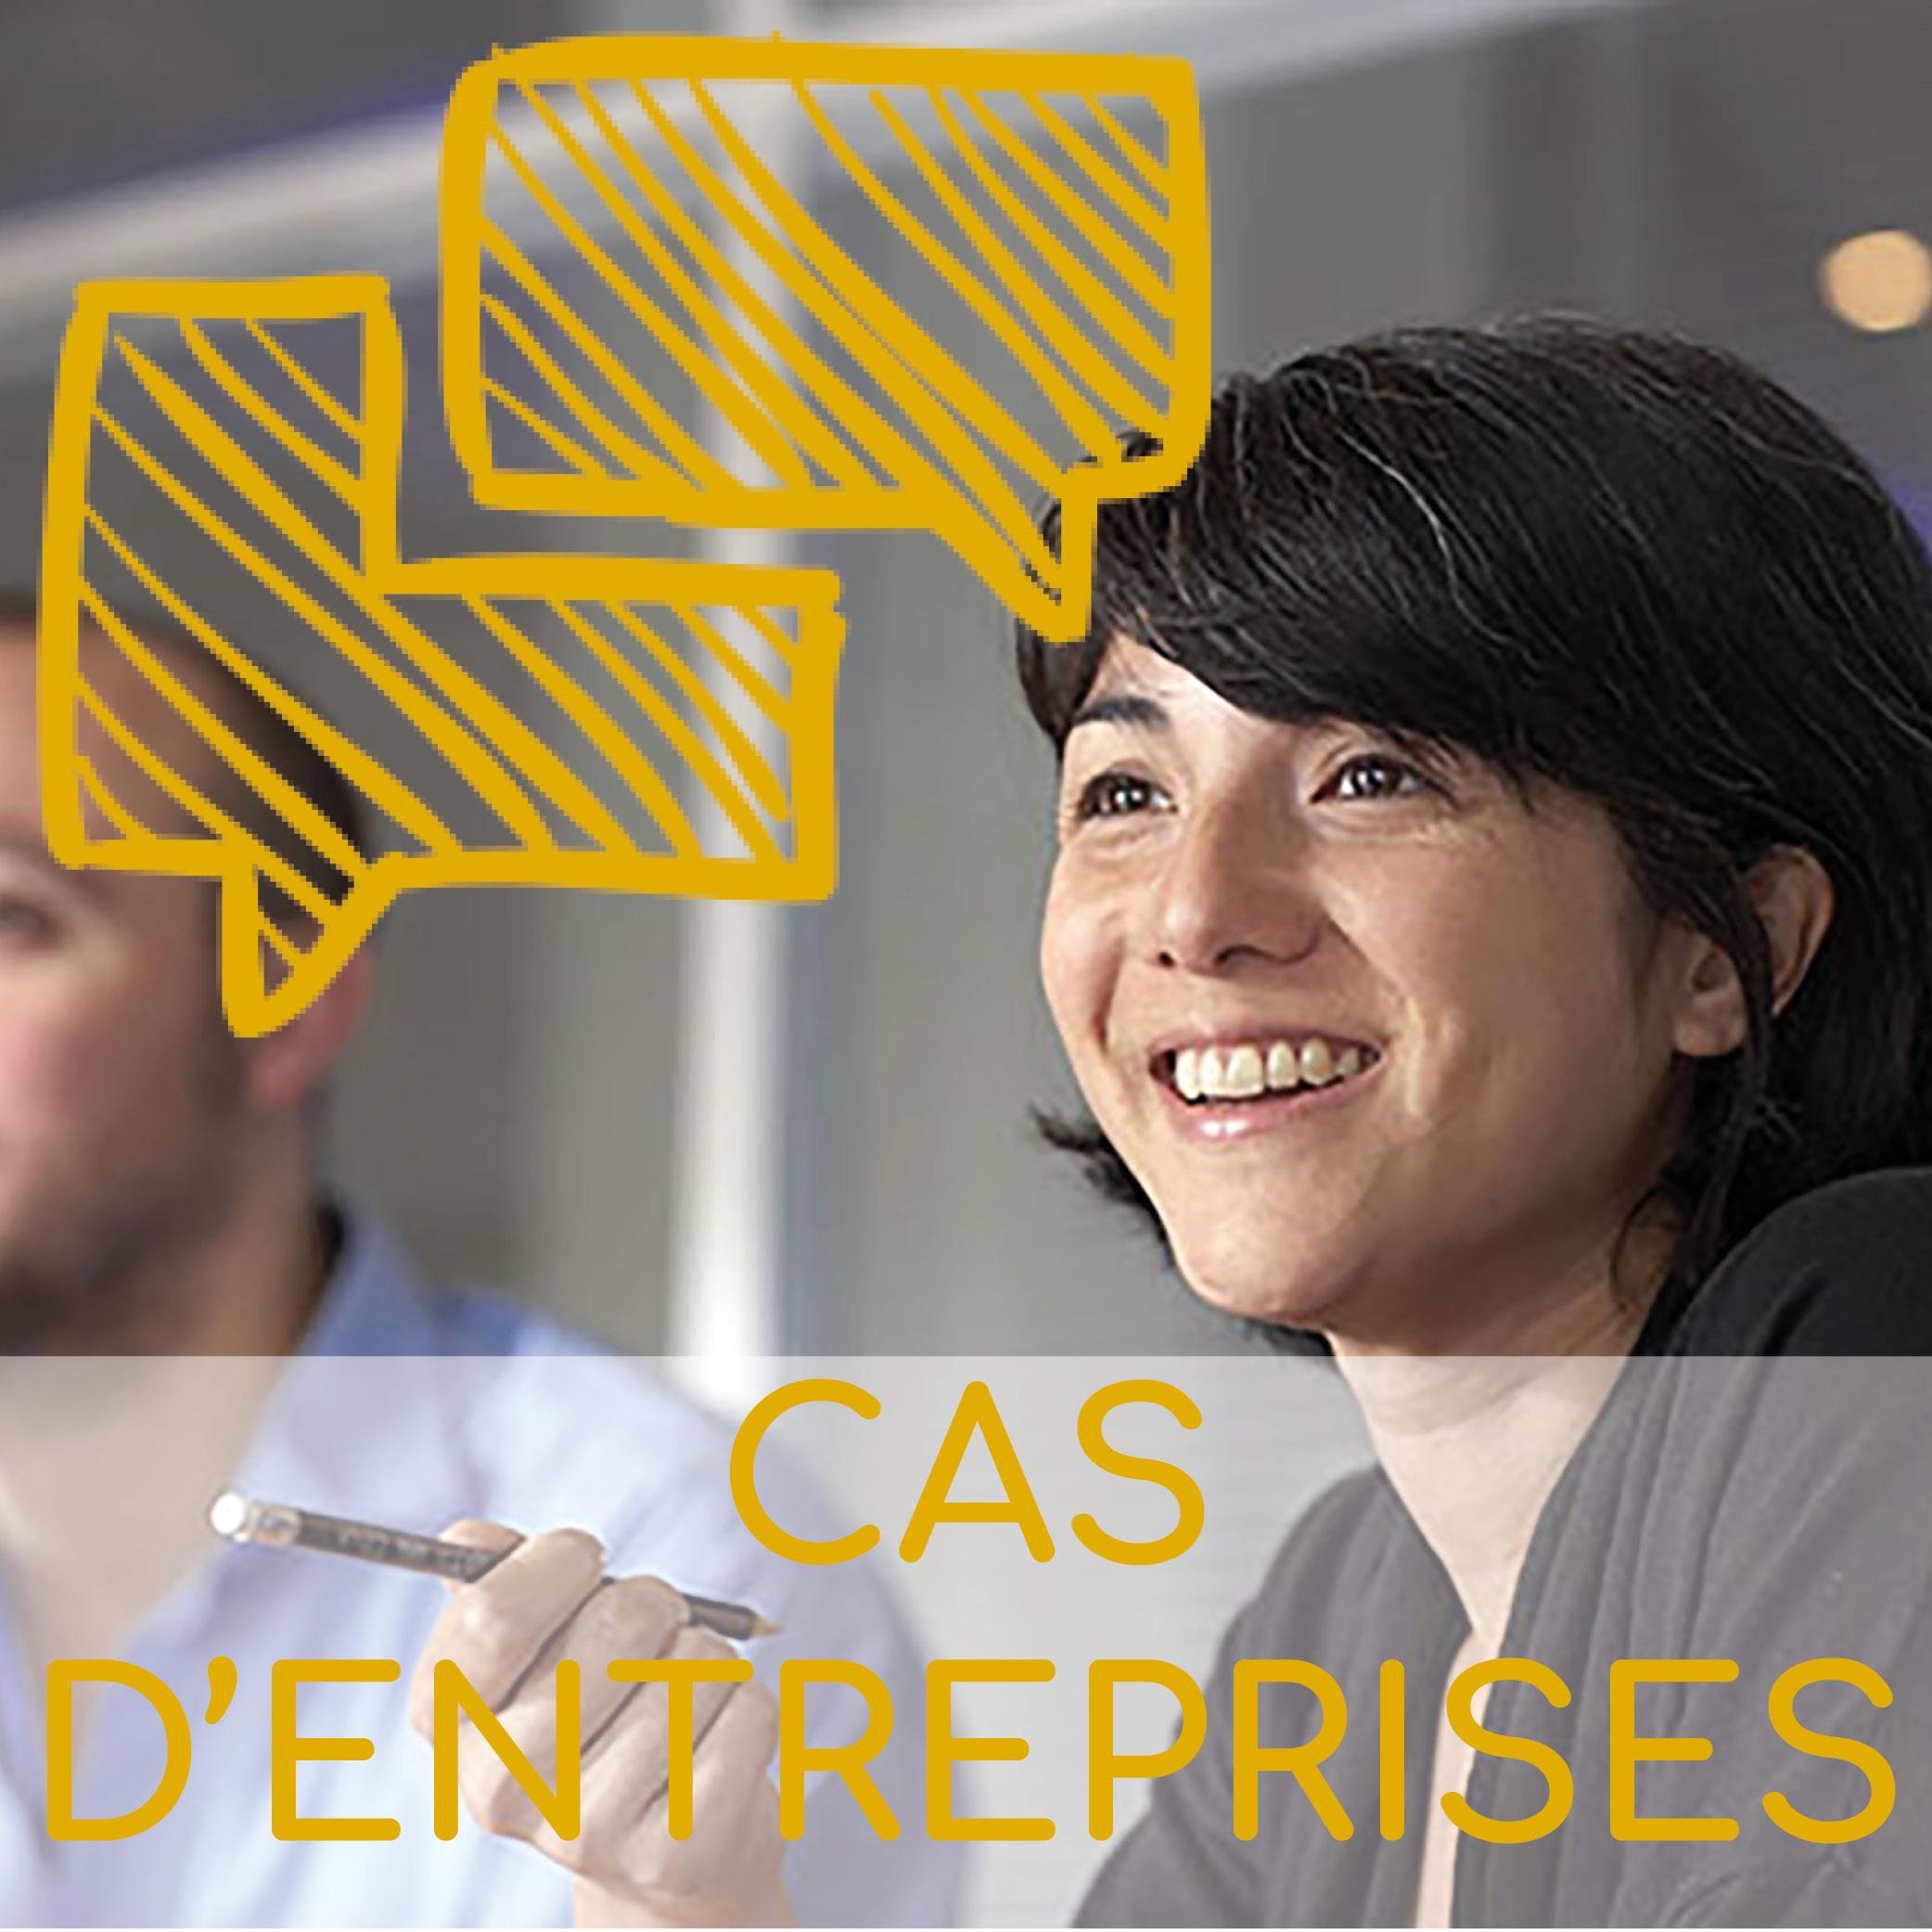 CAS-CSE